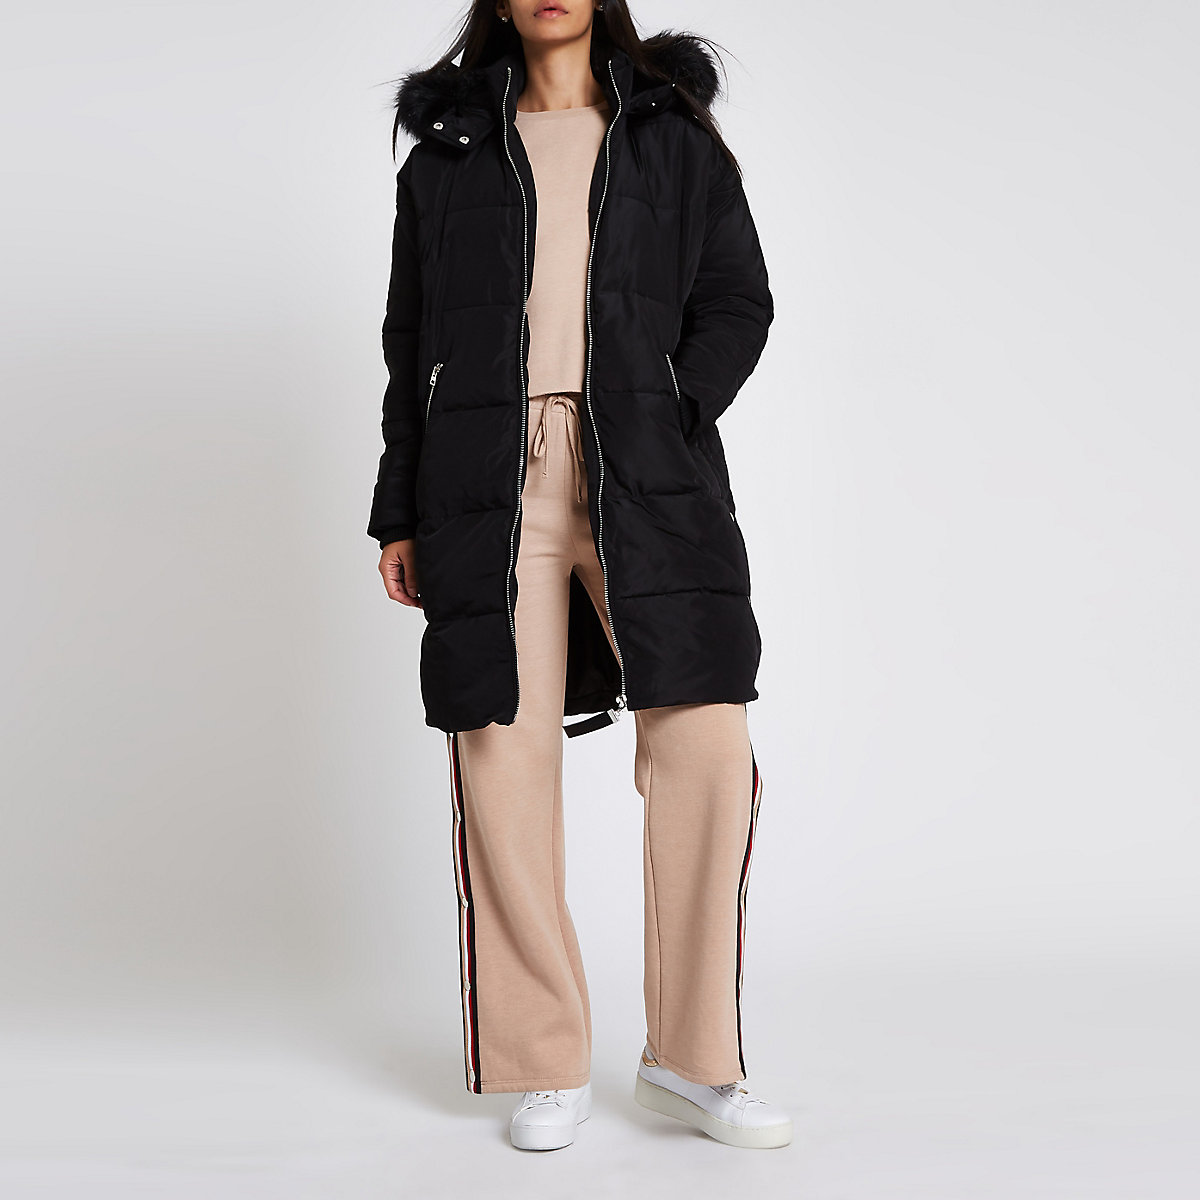 Zwarte lange gewatteerde jas met rand van imitatiebont